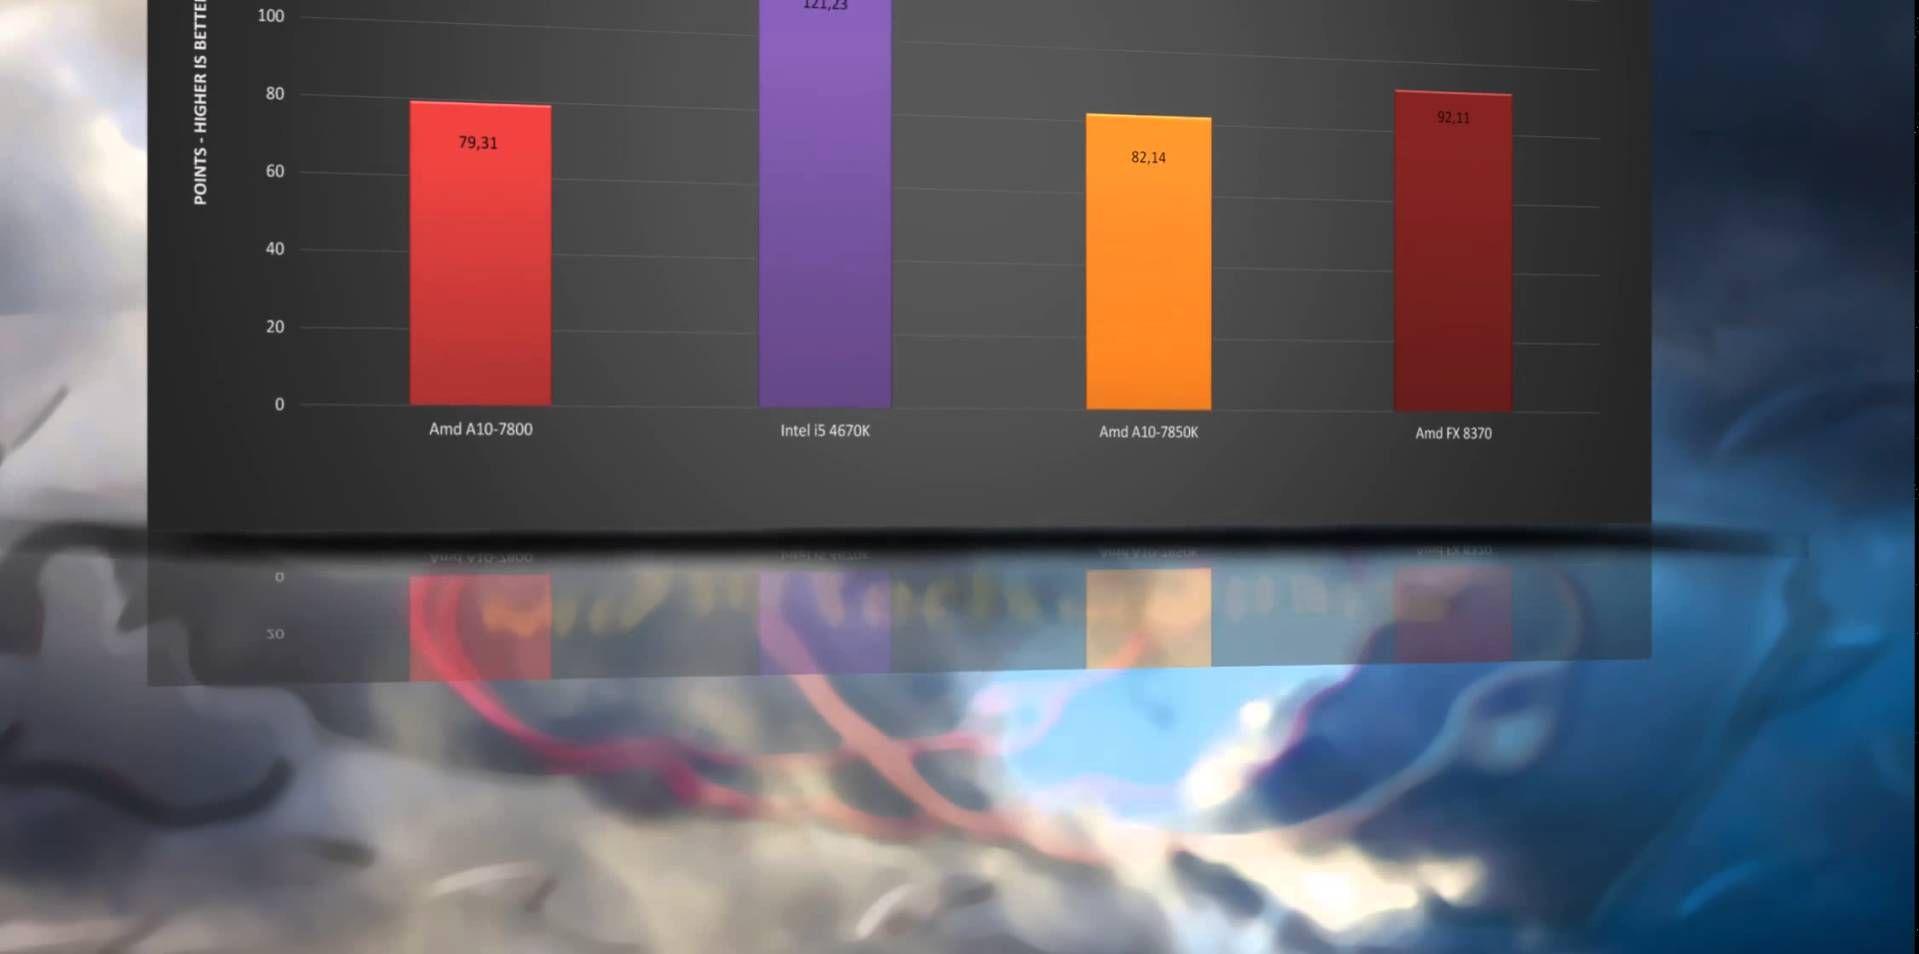 AMD FX 8370 vs INTEL i5 4670K vs A10-7850K - BENCHMARKS